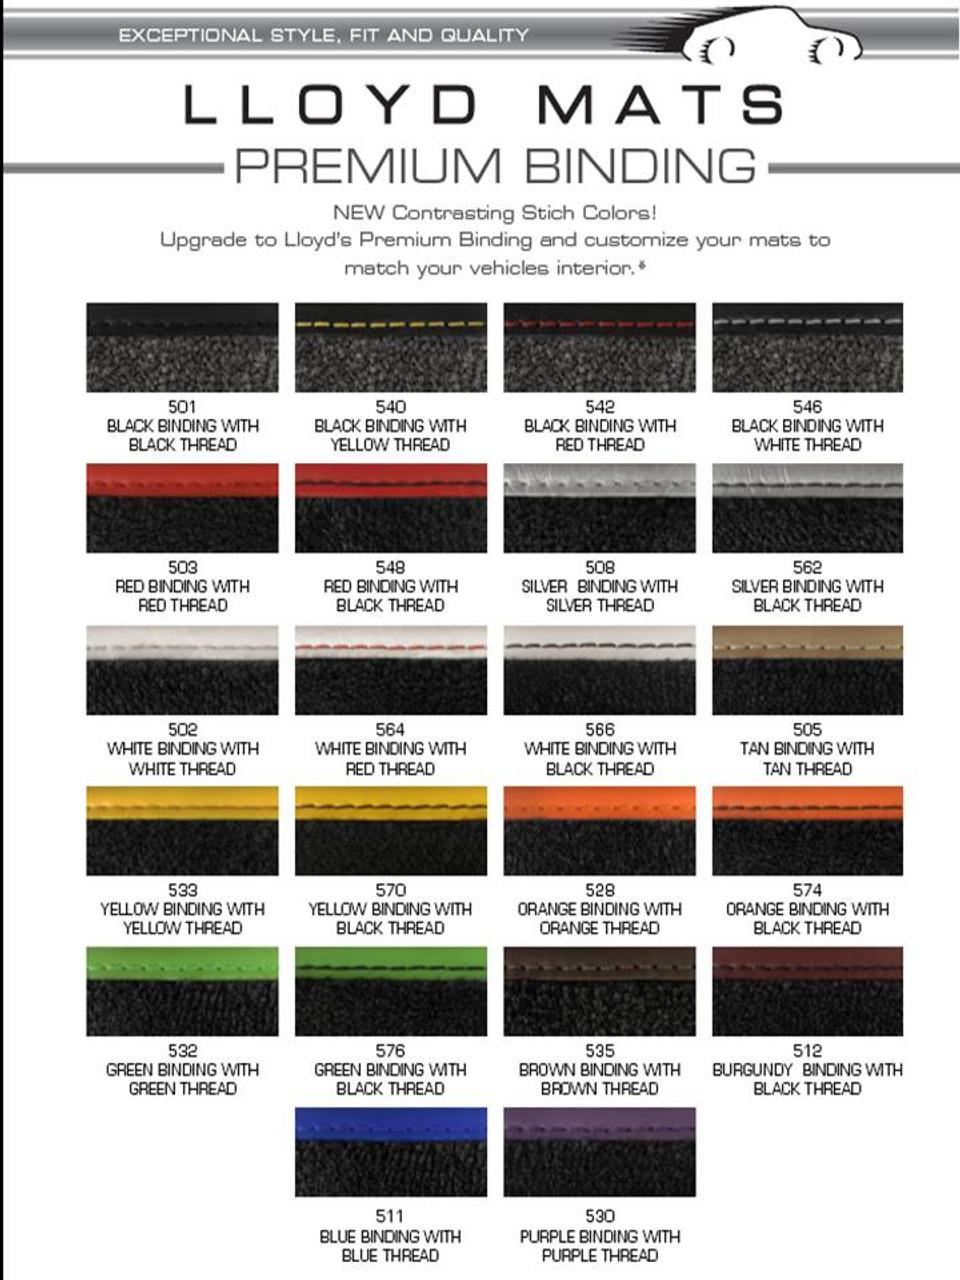 Premium Binding Colors